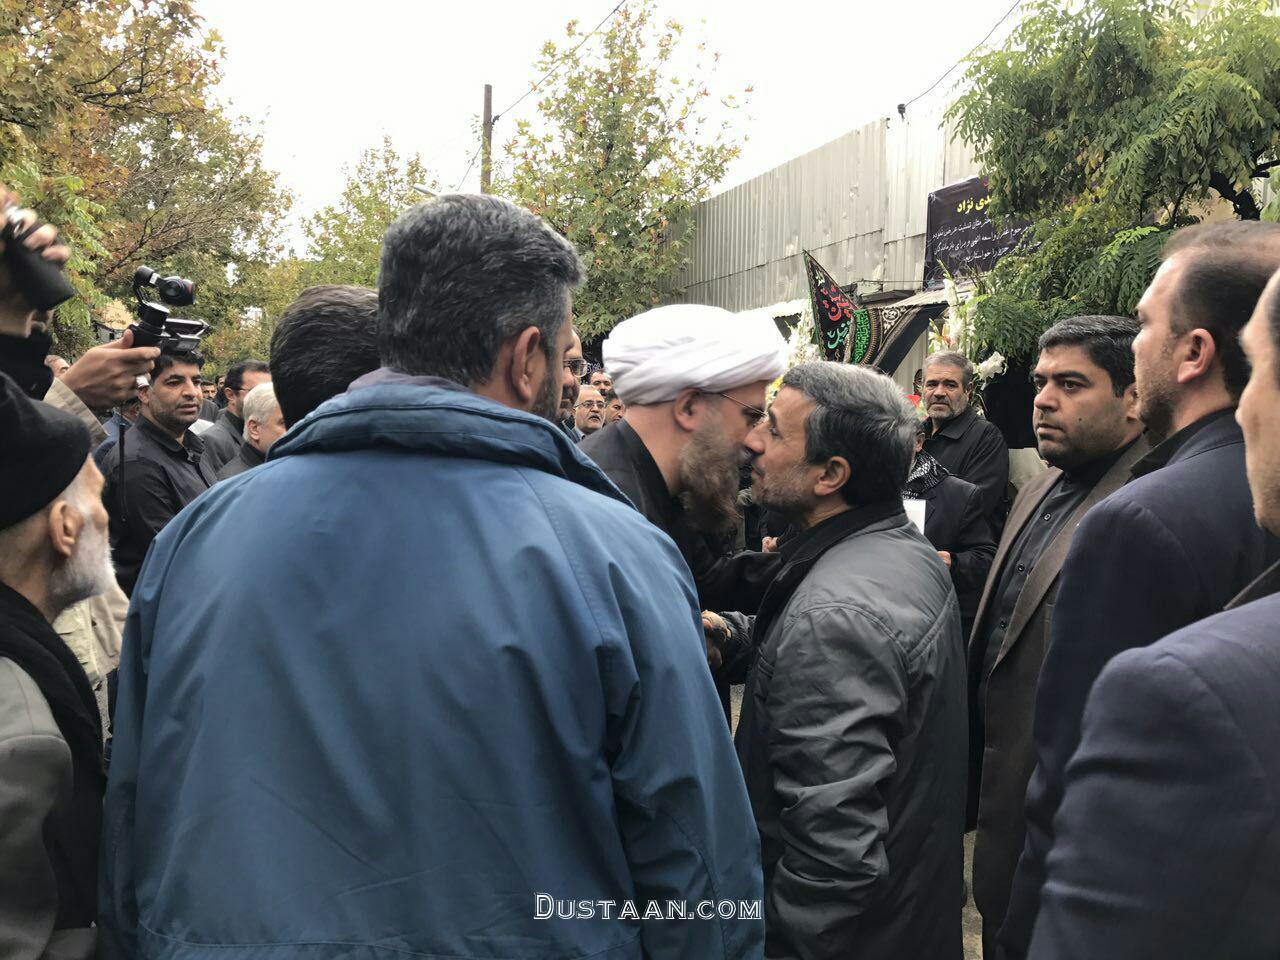 احمدی نژاد در مراسم تشییع برادرش داوود +عکس